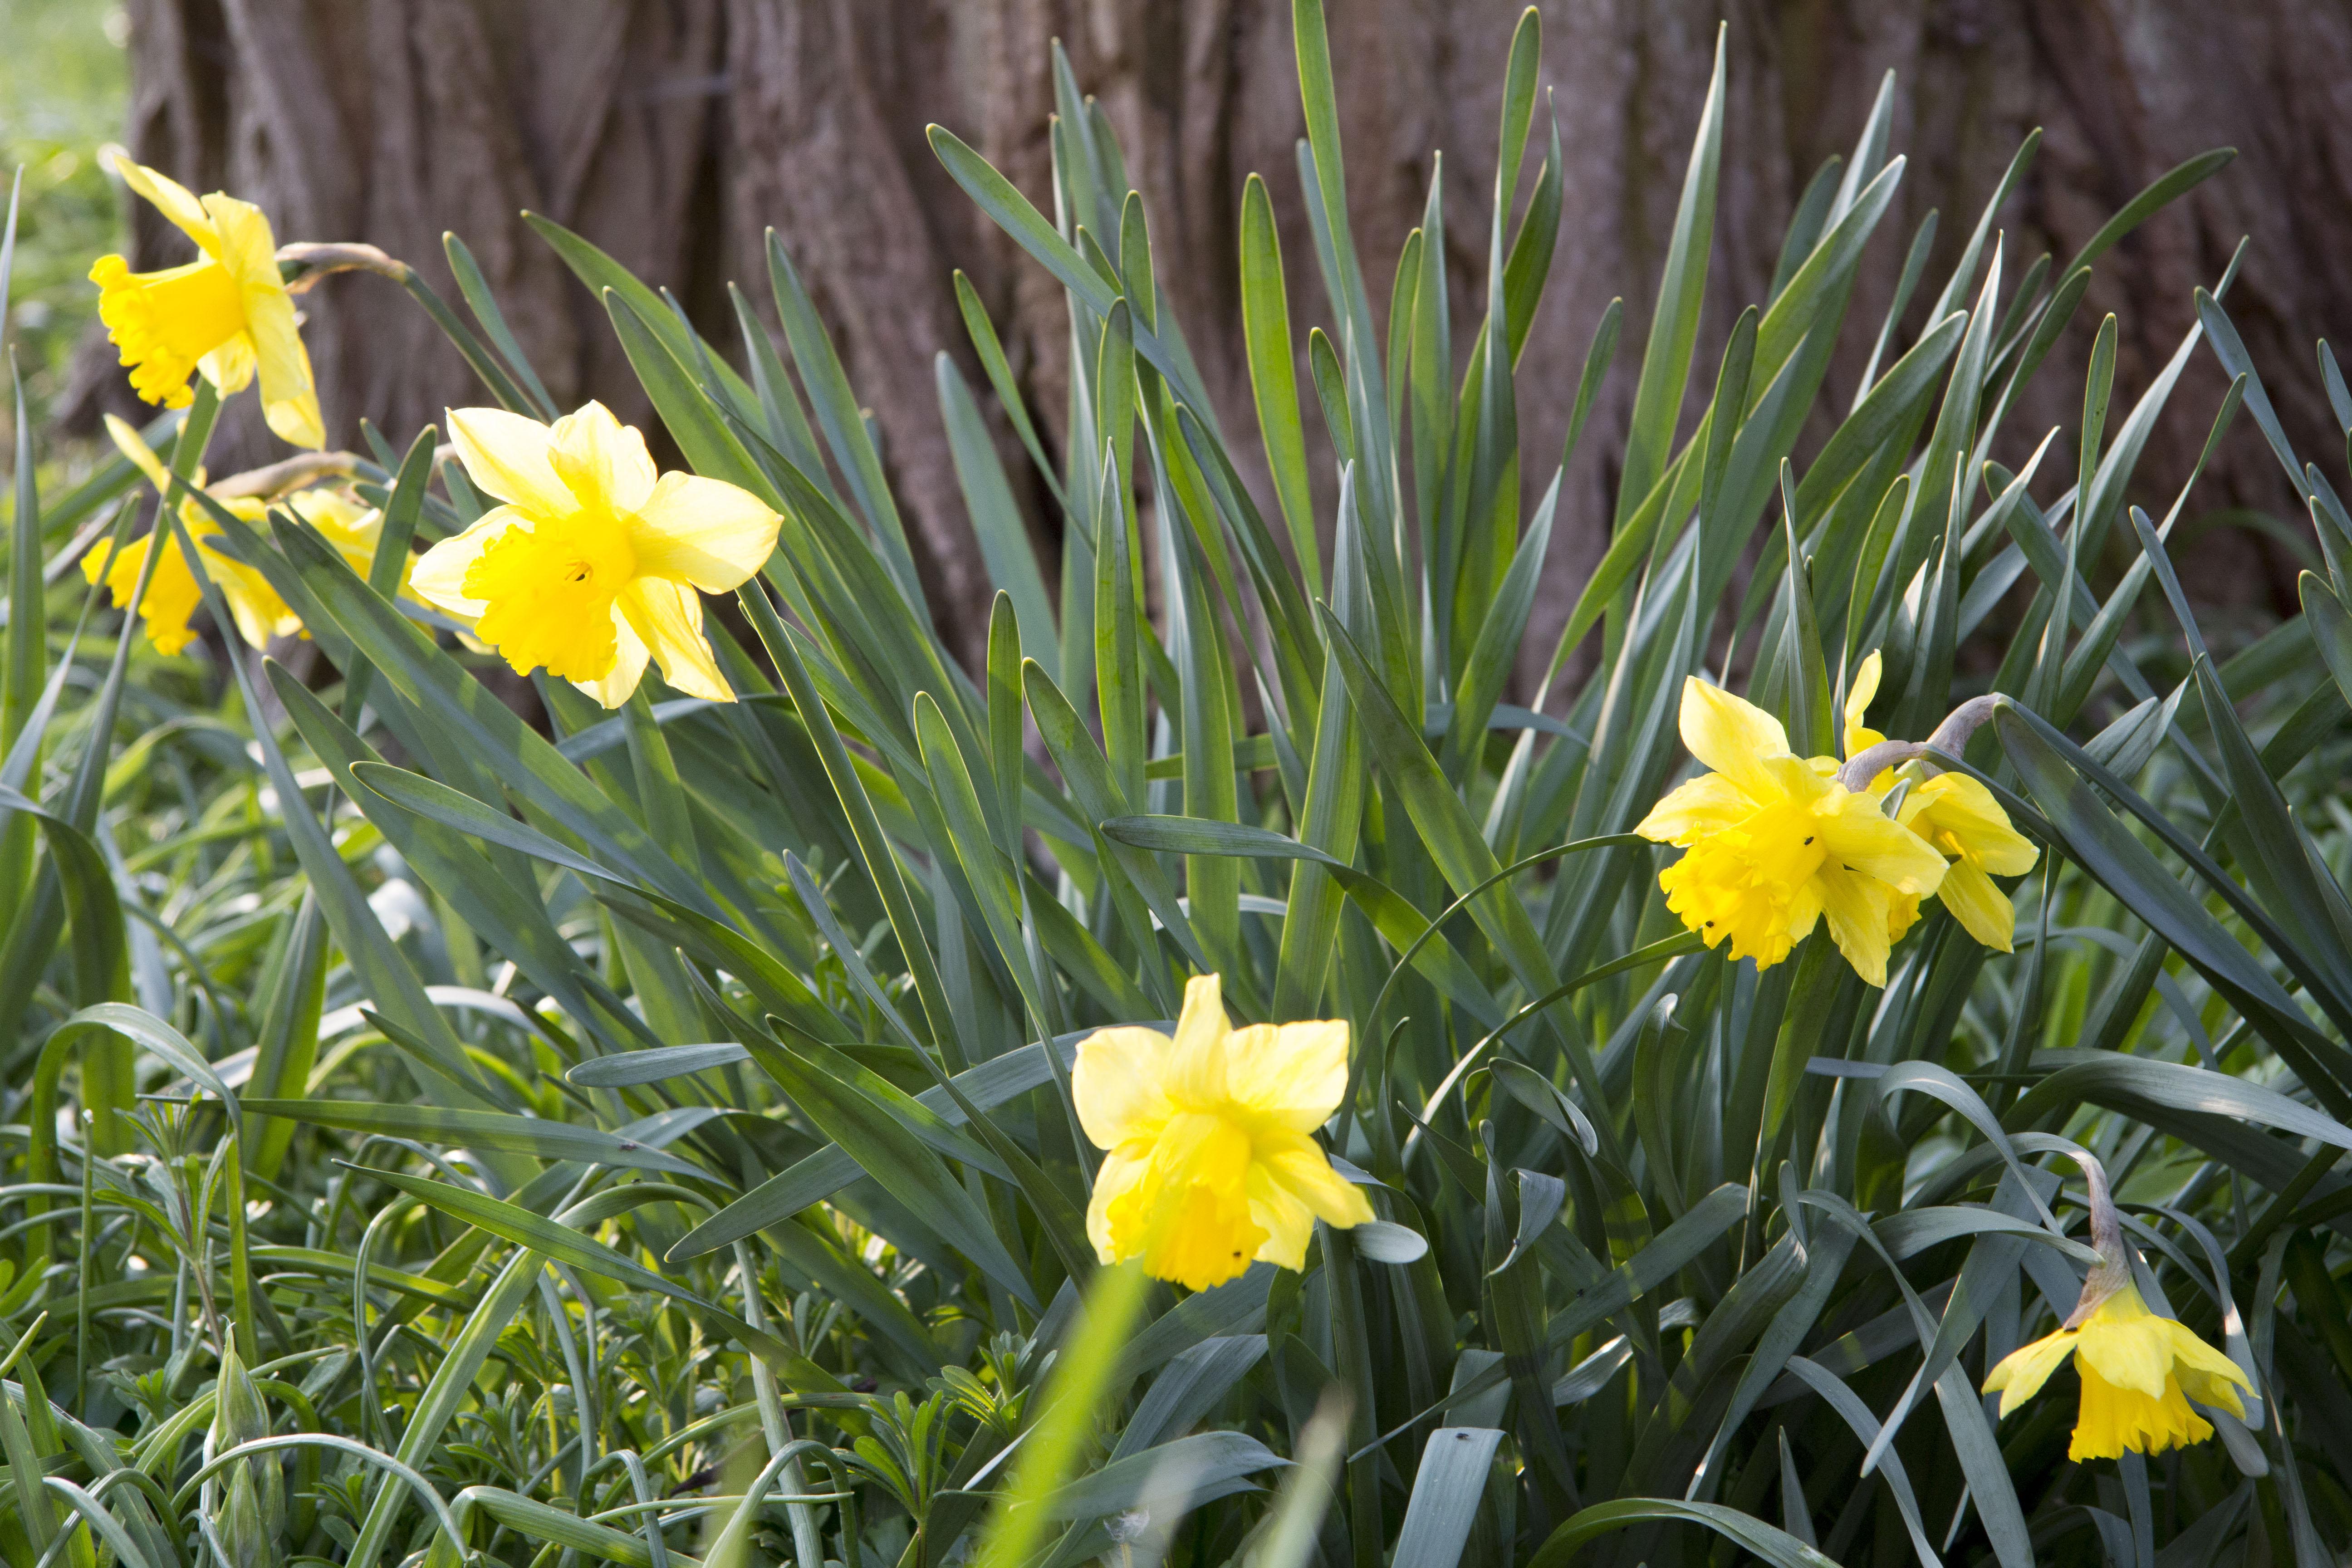 påskeliljer i fuldt flor i vores store have i Vemmetofte